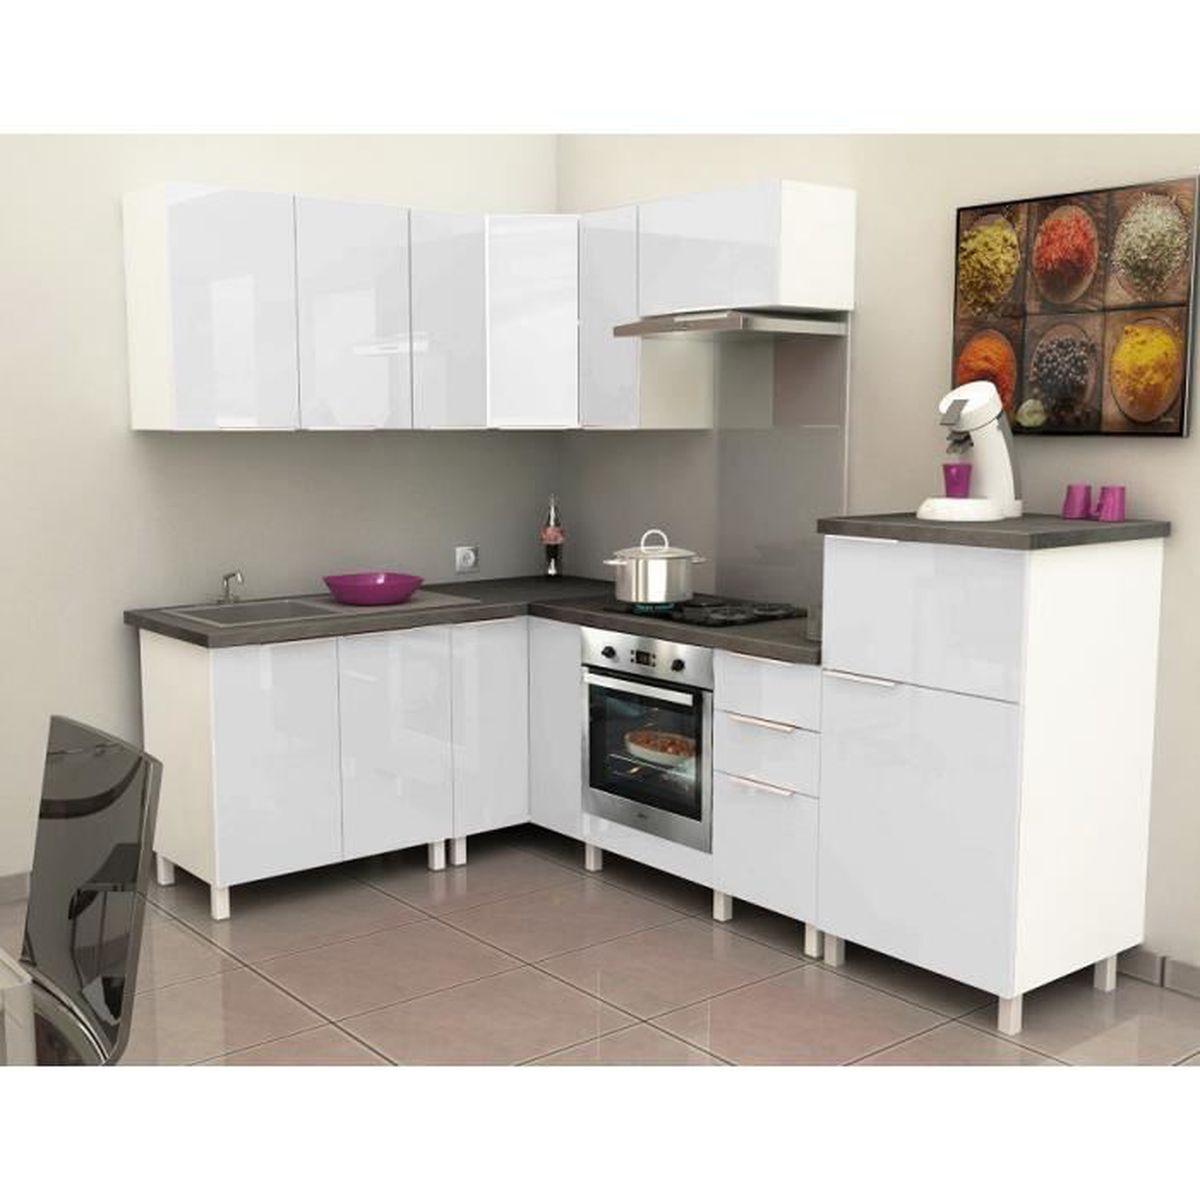 Meuble de cuisine angle haut - 14cm - Blanc - Élément séparé